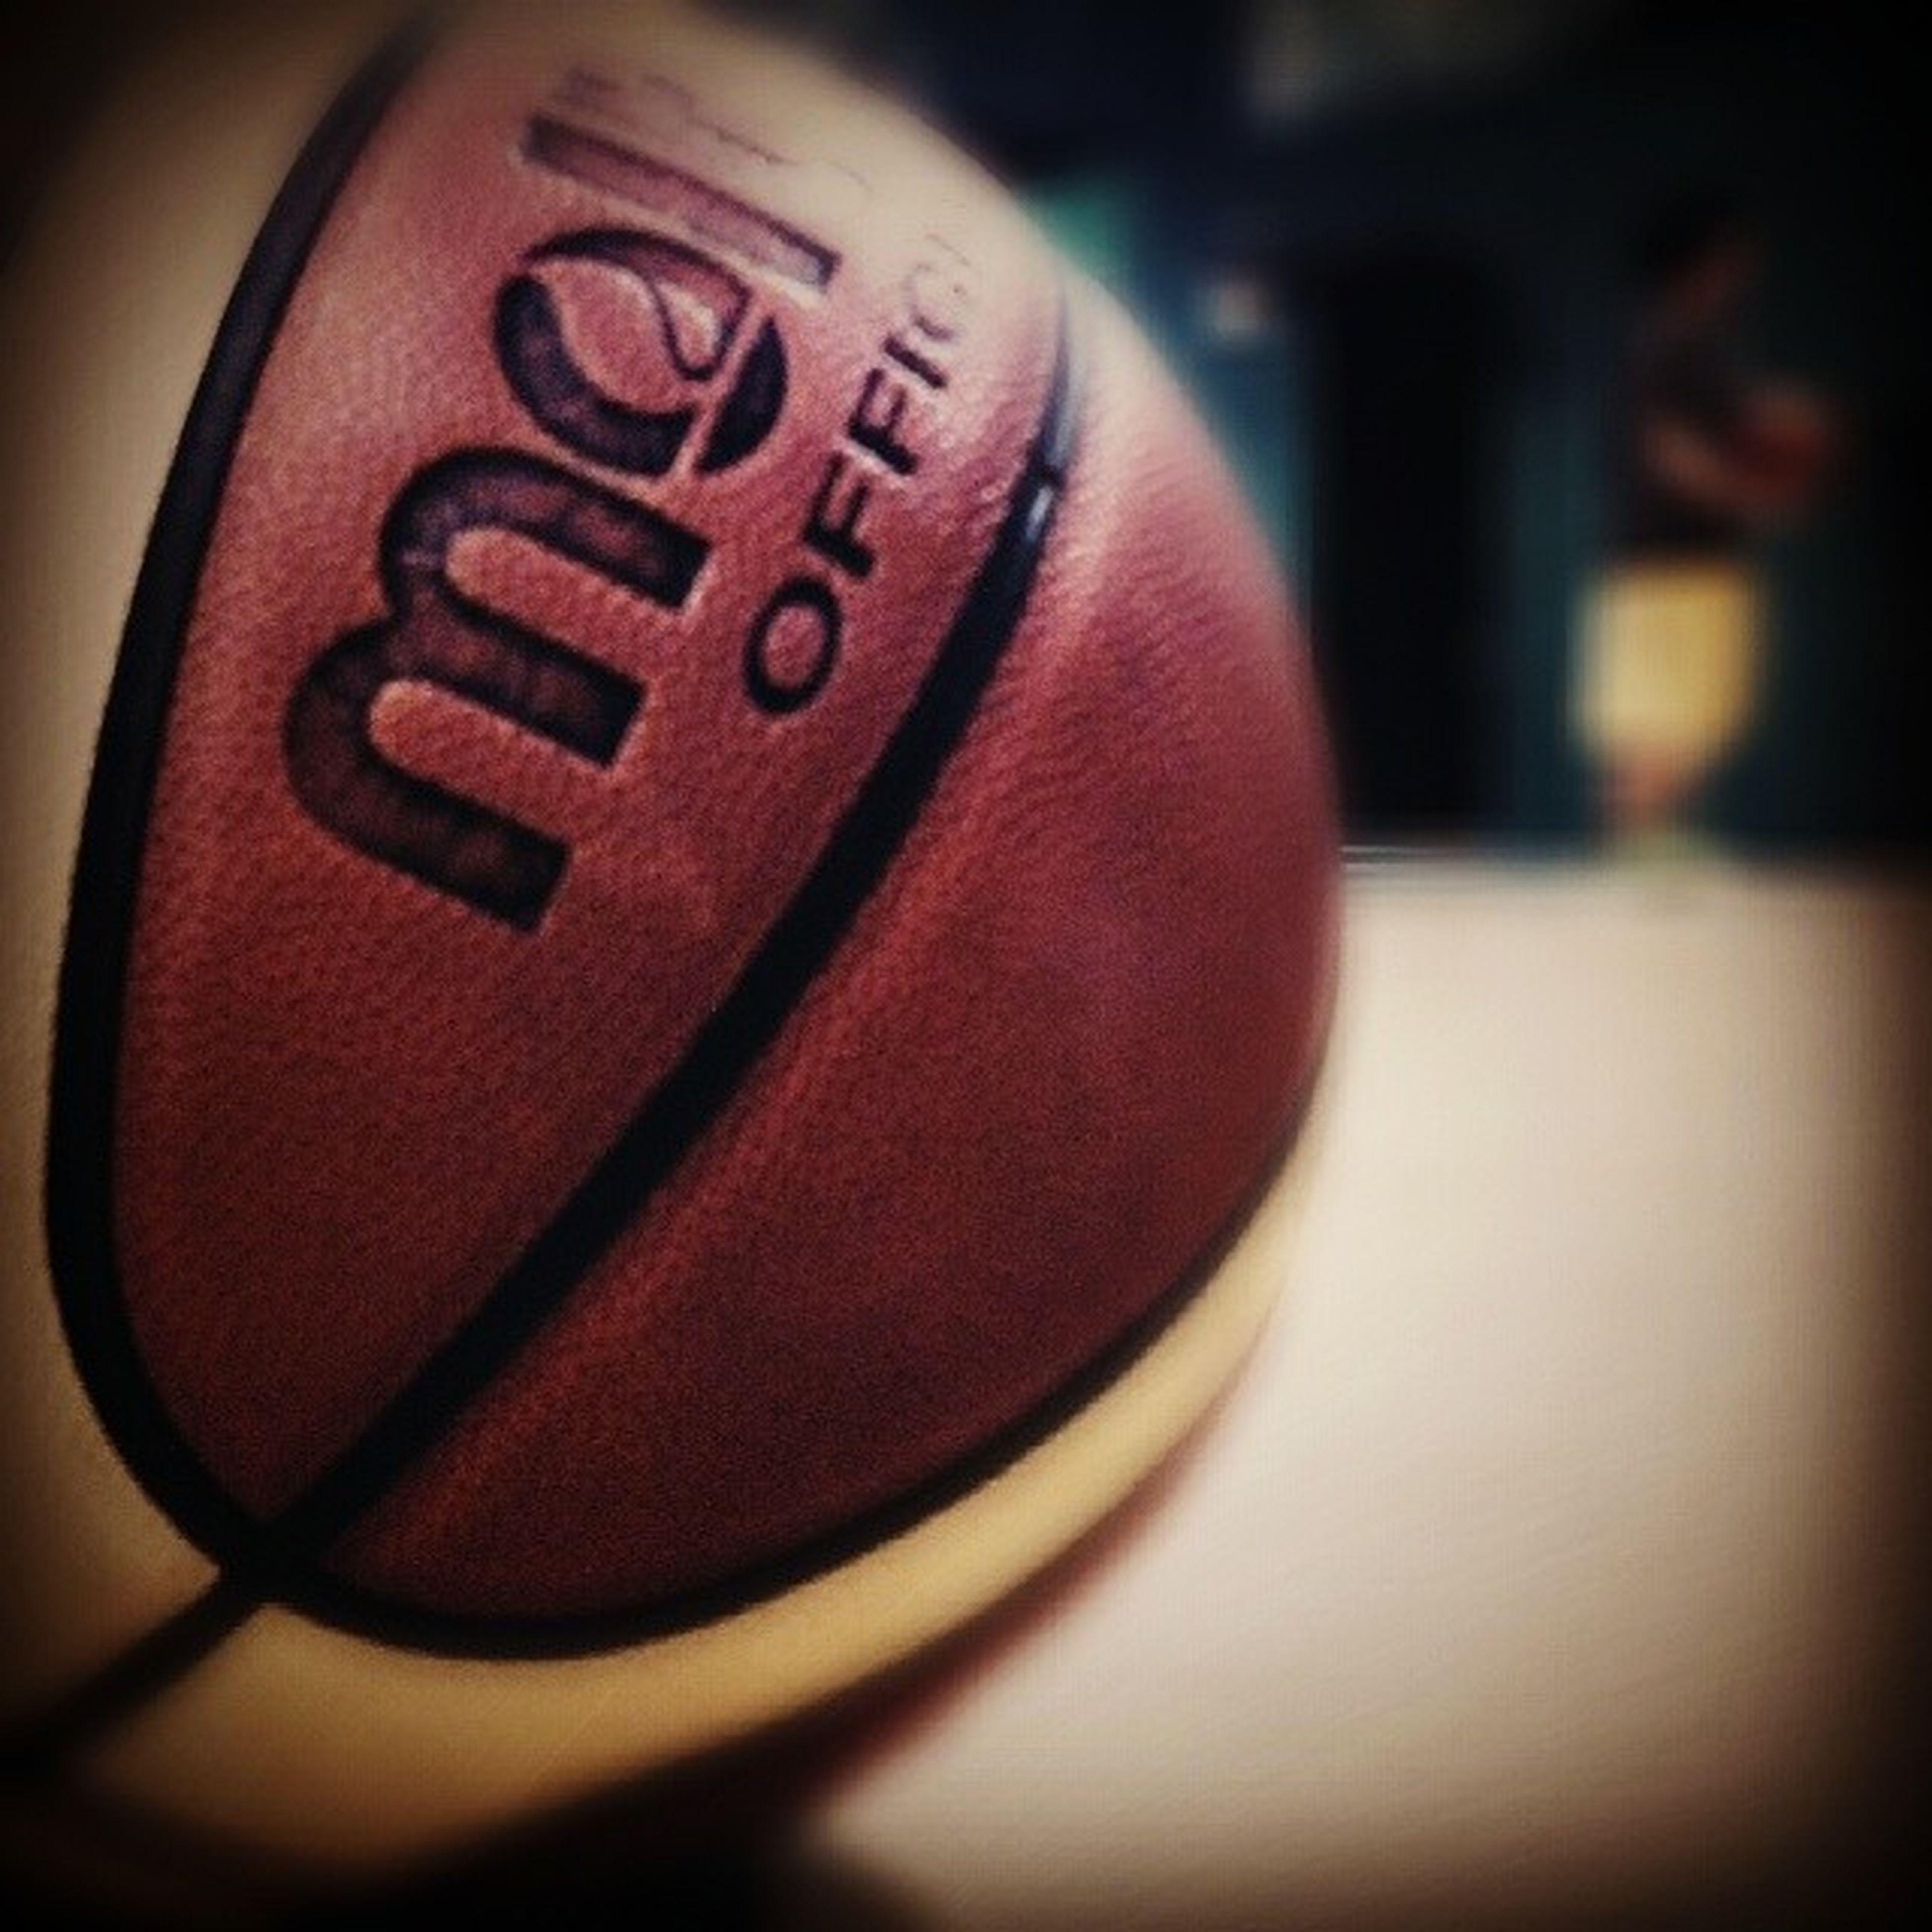 Bilog ang mundo. Parang bola ng basketball. ZCS 956 makakarma ka rin. GoodVibesThursday